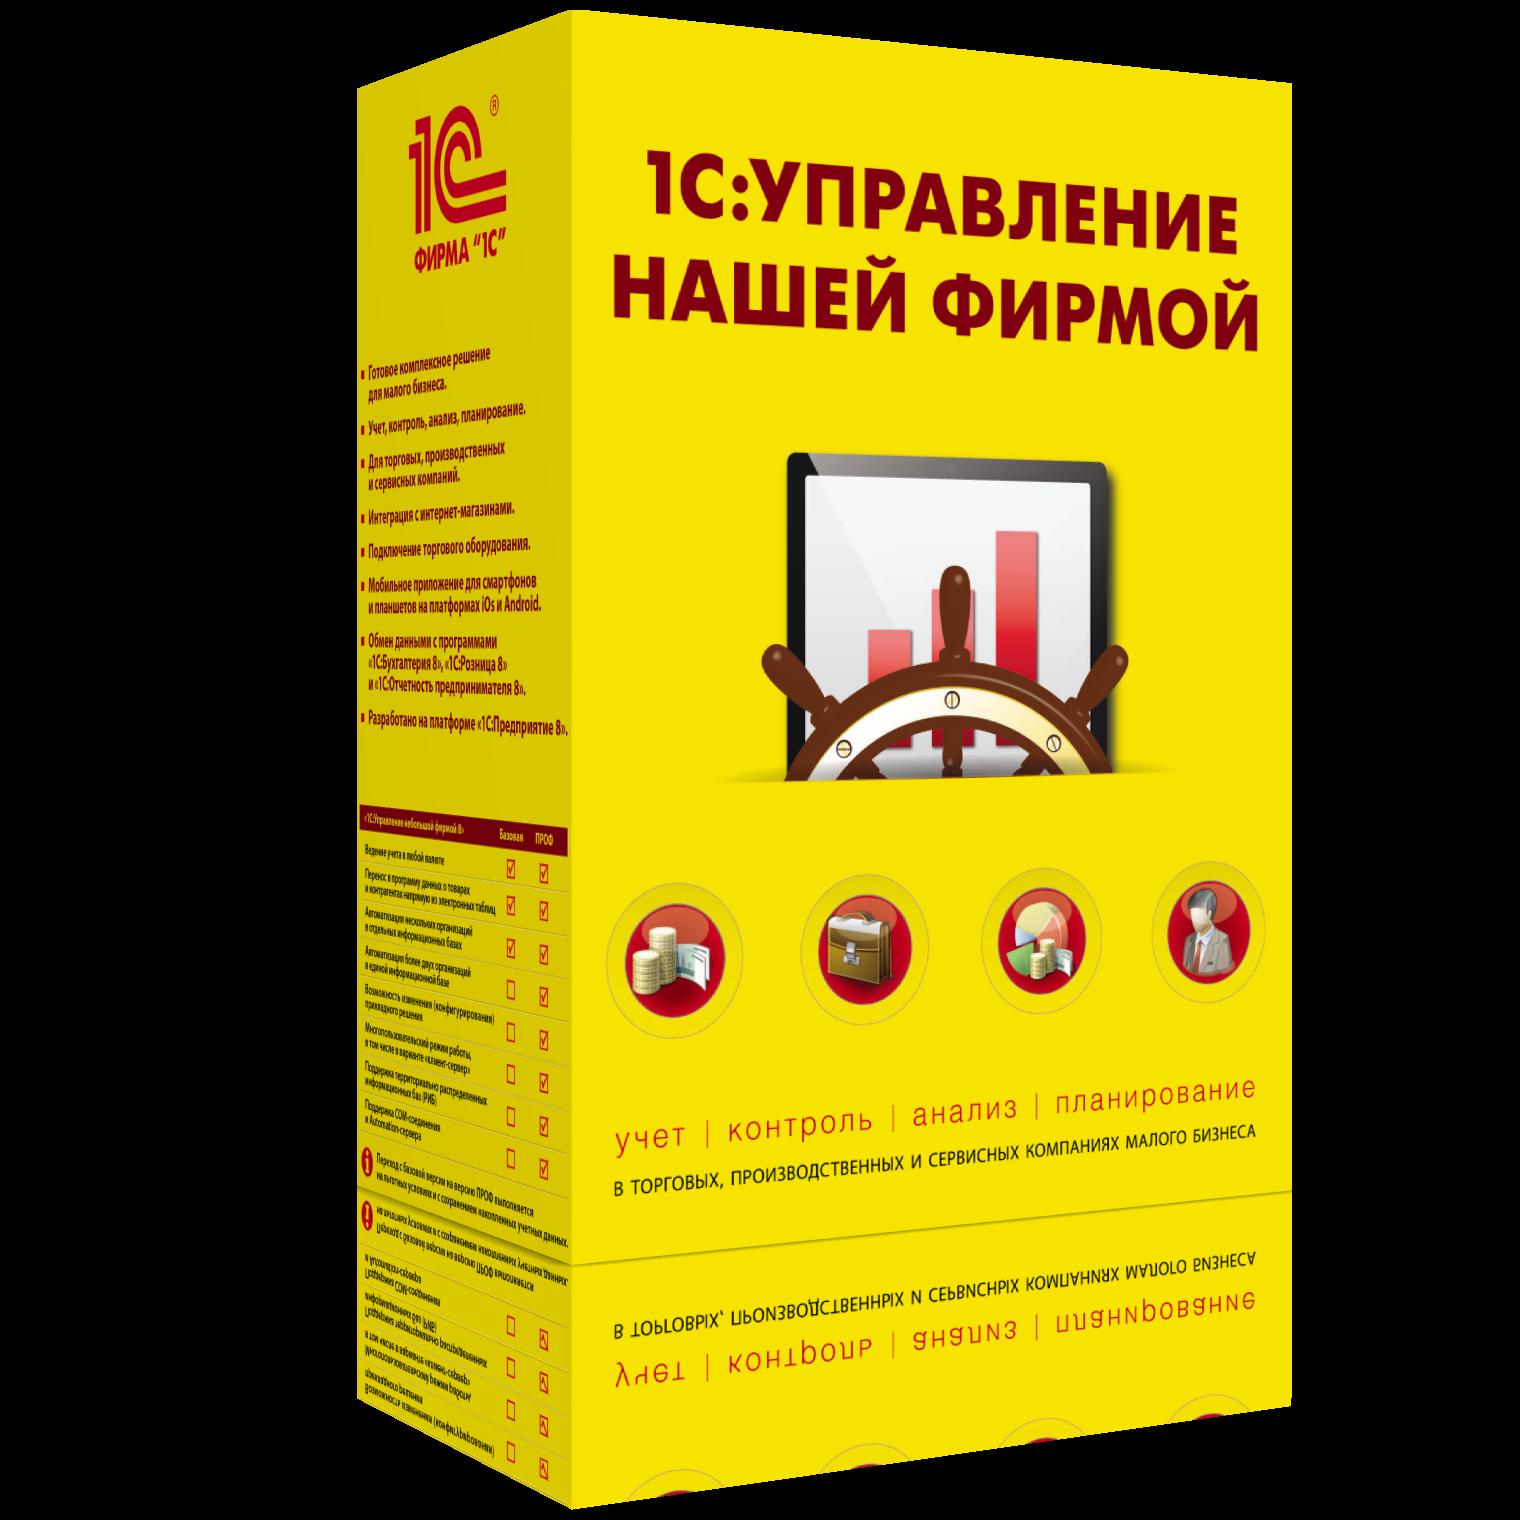 1с:управление нашей фирмой 8 в тольятти